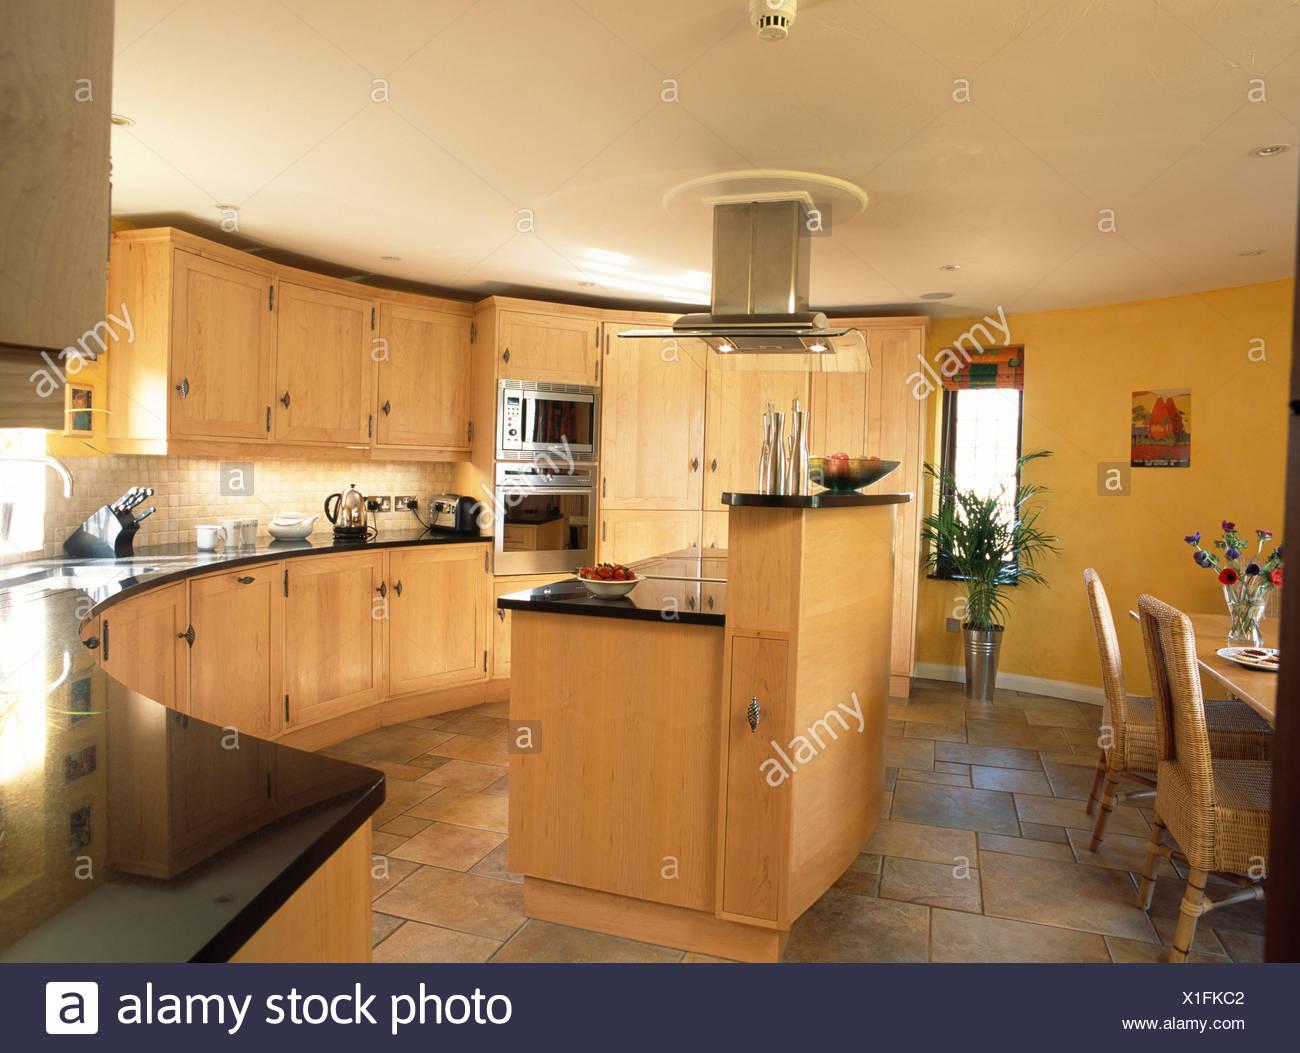 Unidade De Ilha Em Amarelo Cozinha Equipada Com Palidez De Madeira